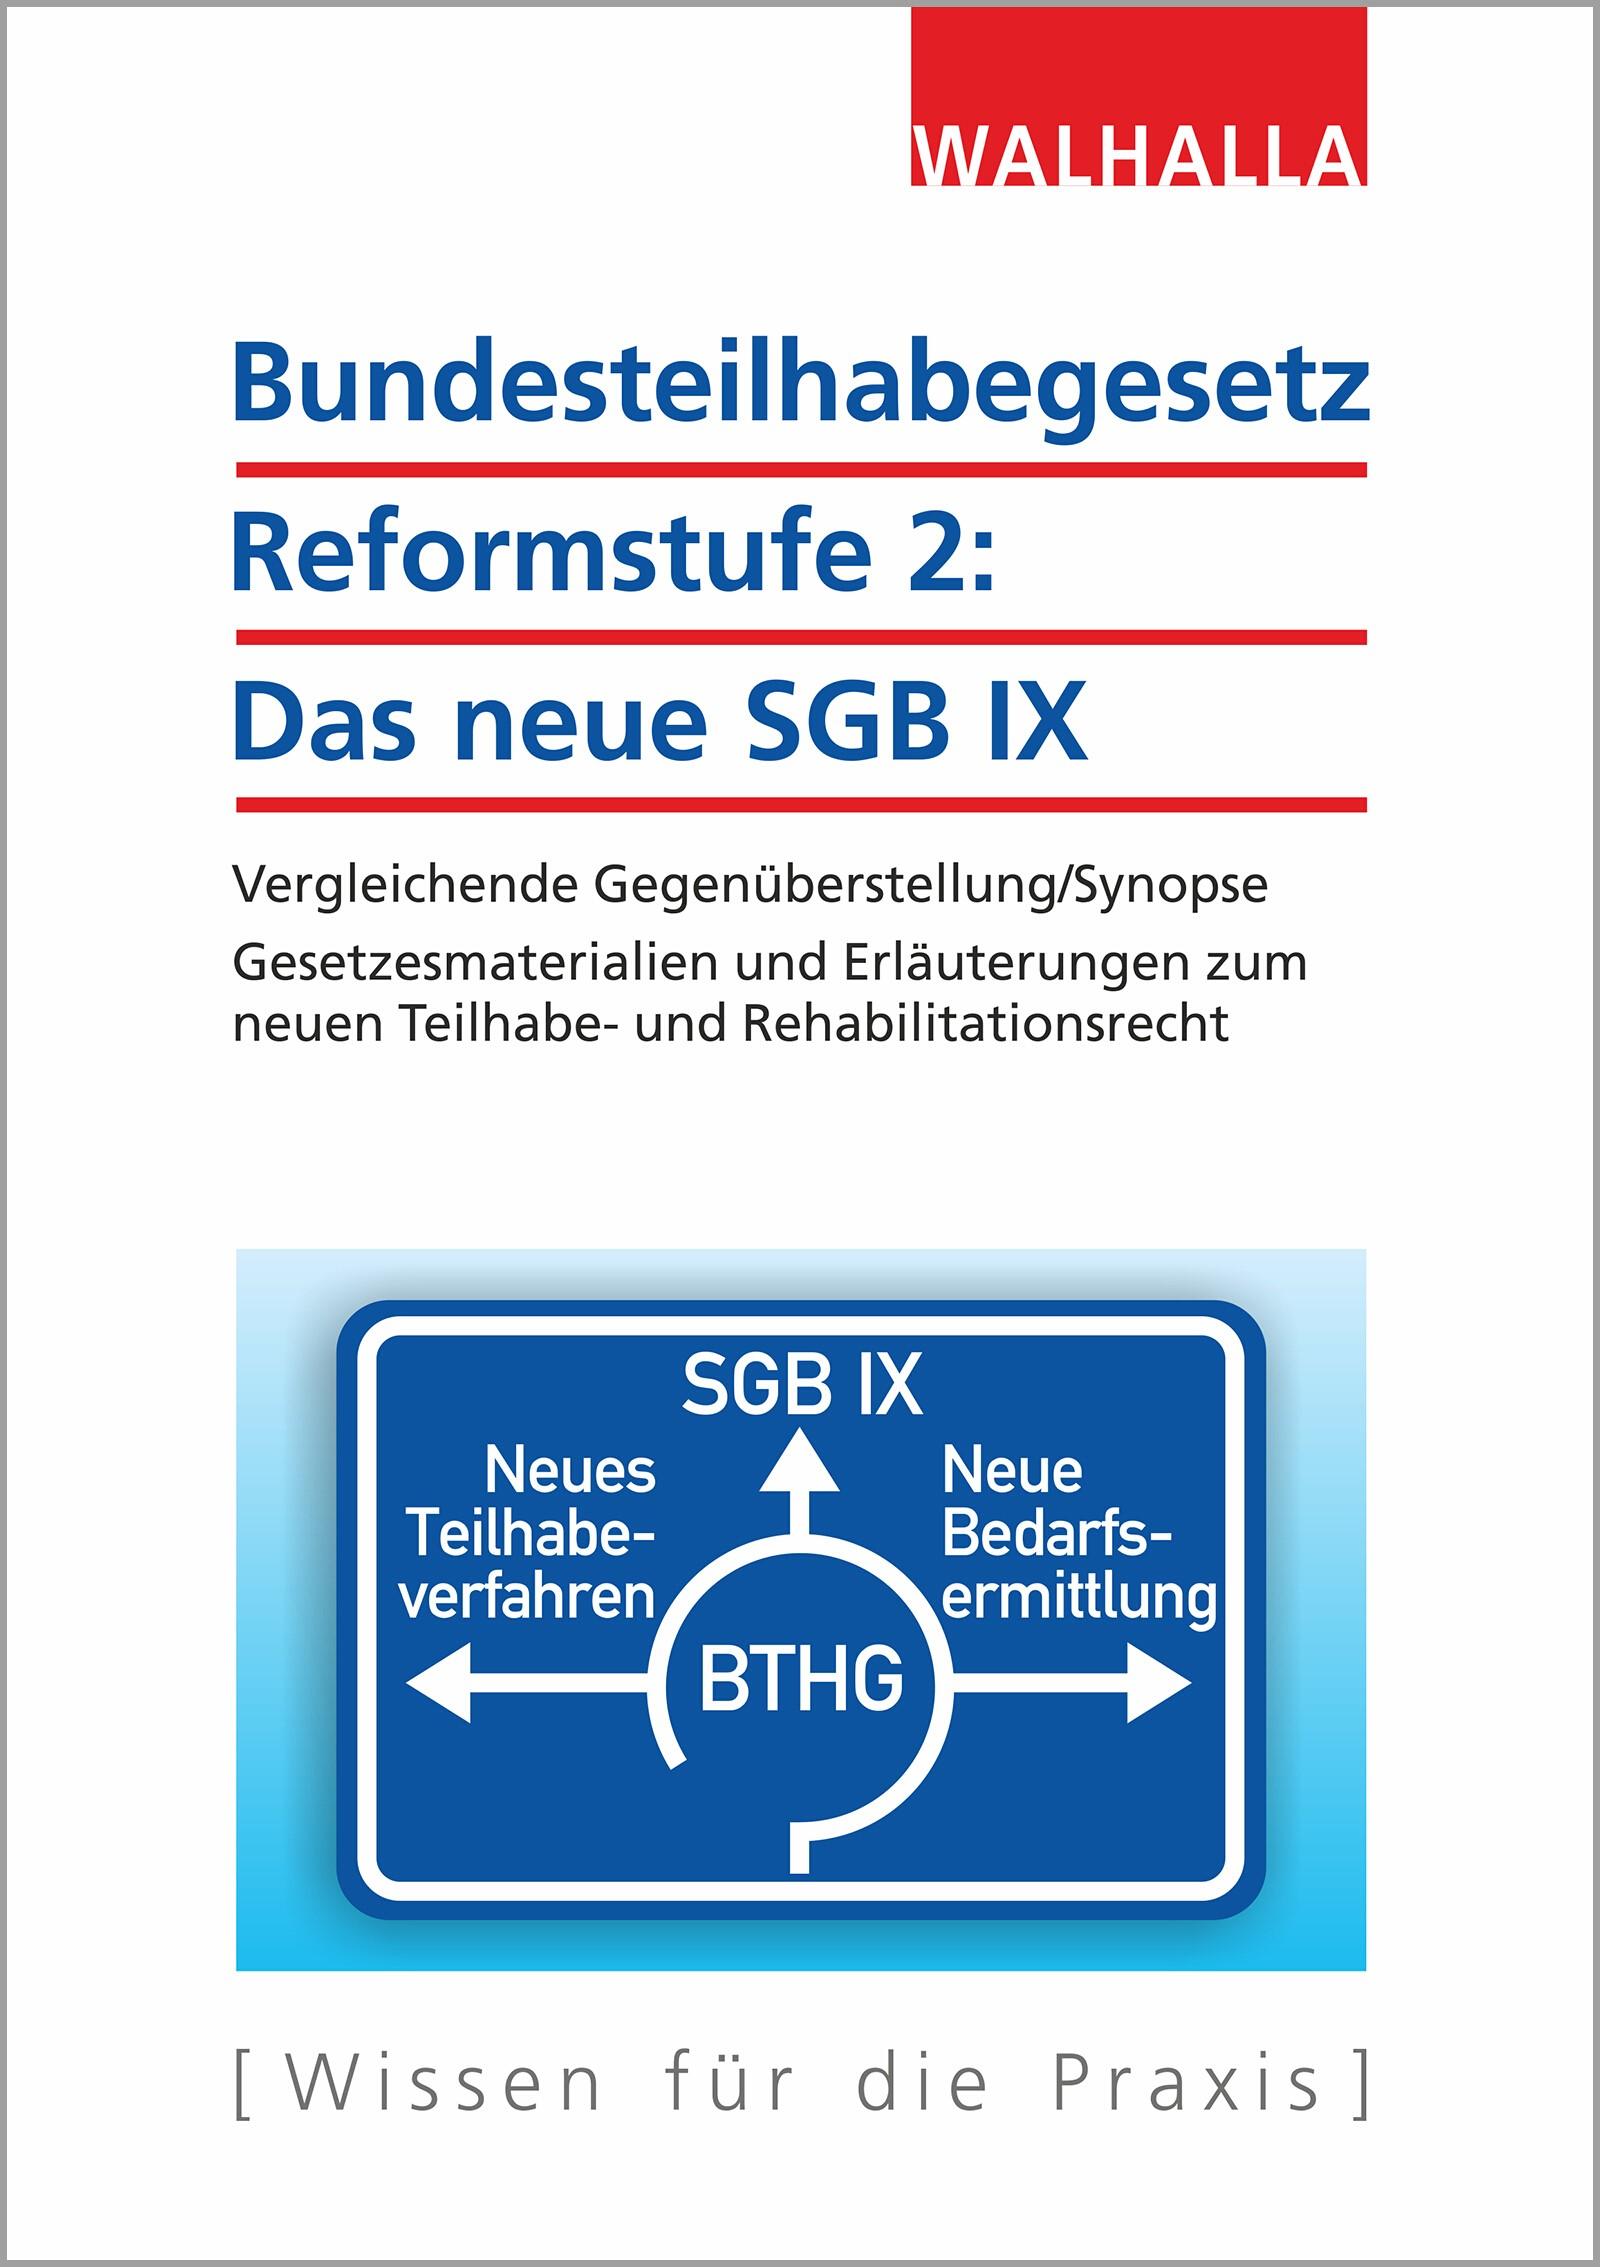 Bundesteilhabegesetz Reformstufe 2: Das neue SGB IX | Walhalla Fachredaktion, 2018 | Buch (Cover)